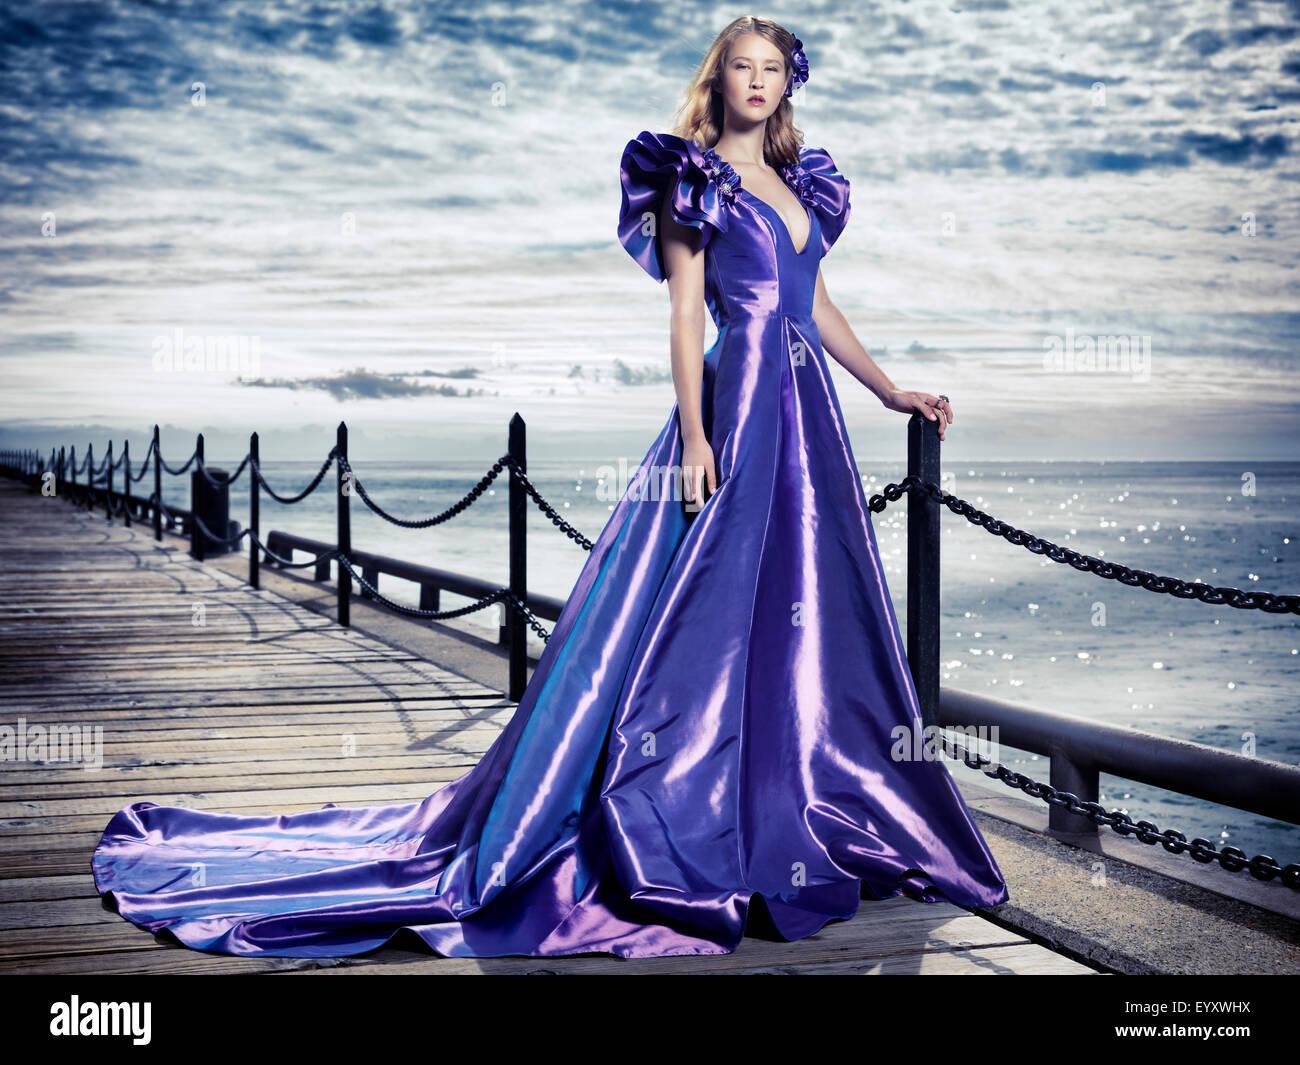 Giovane donna che indossa un bel blu lungo abito da sera permanente al Waterfront, artistico ritratto di moda Immagini Stock